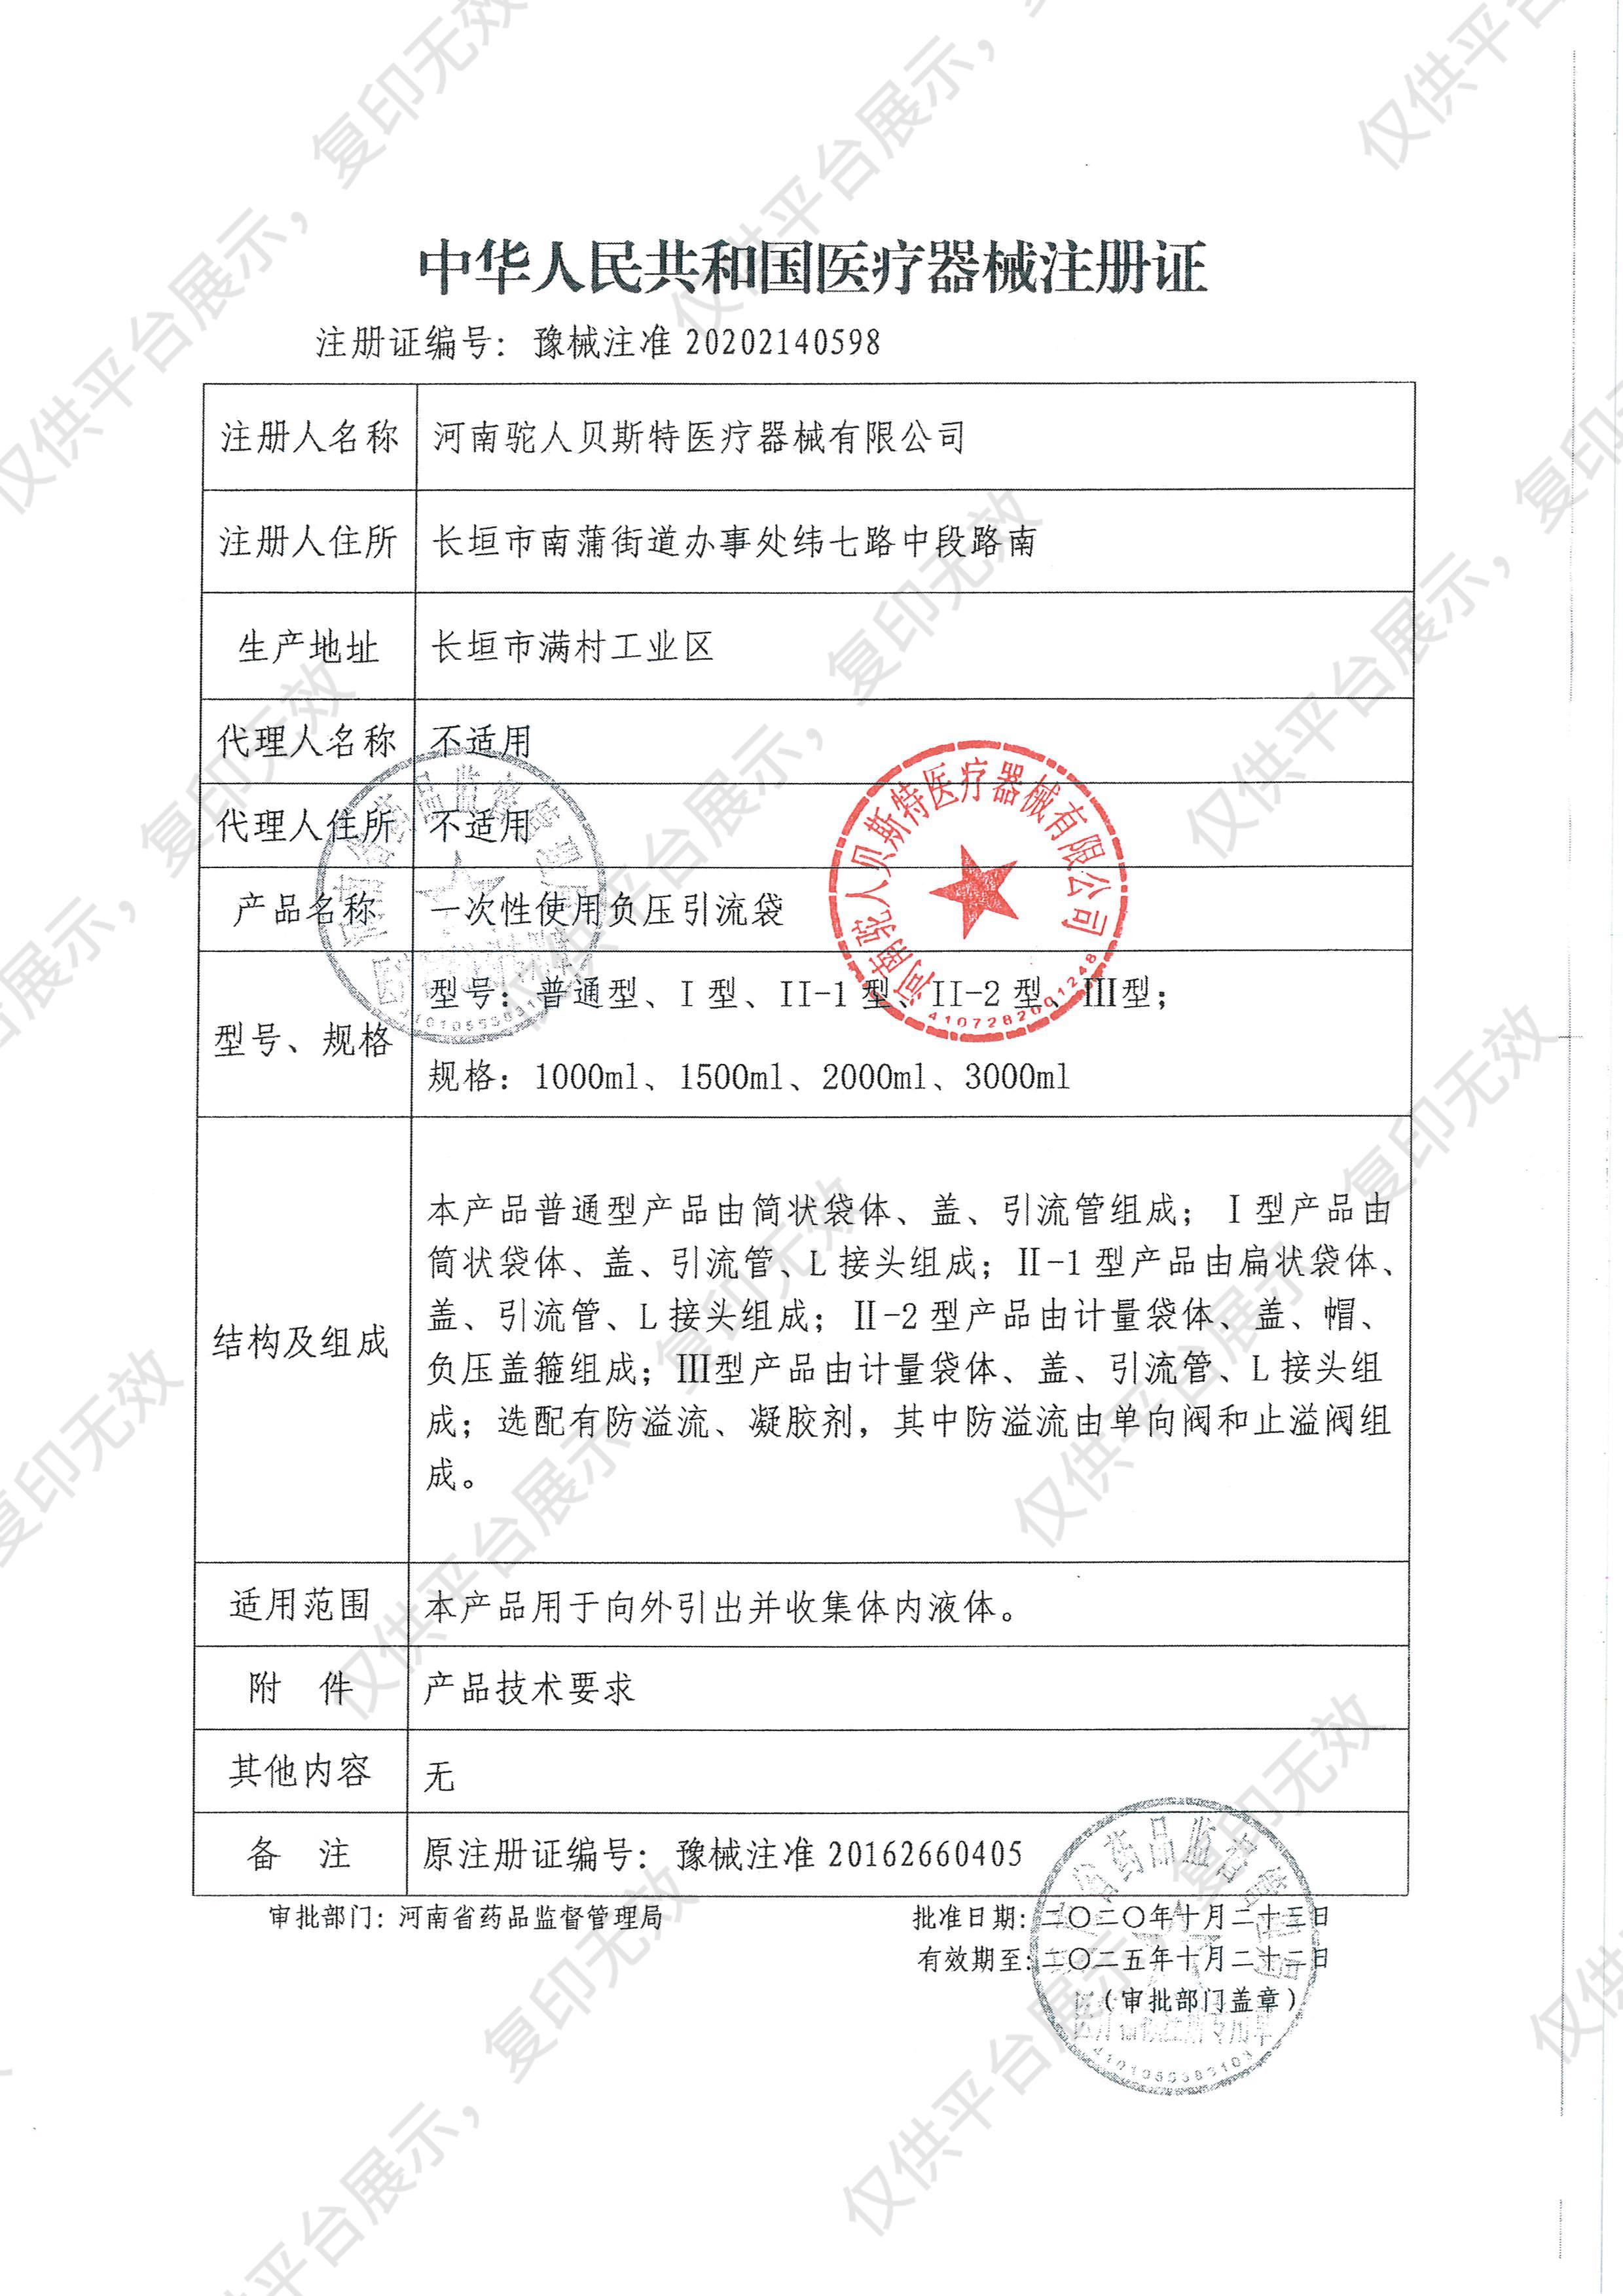 驼人CGPO 一次性使用负压引流袋 1000ml 30个/中盒 60个/箱注册证